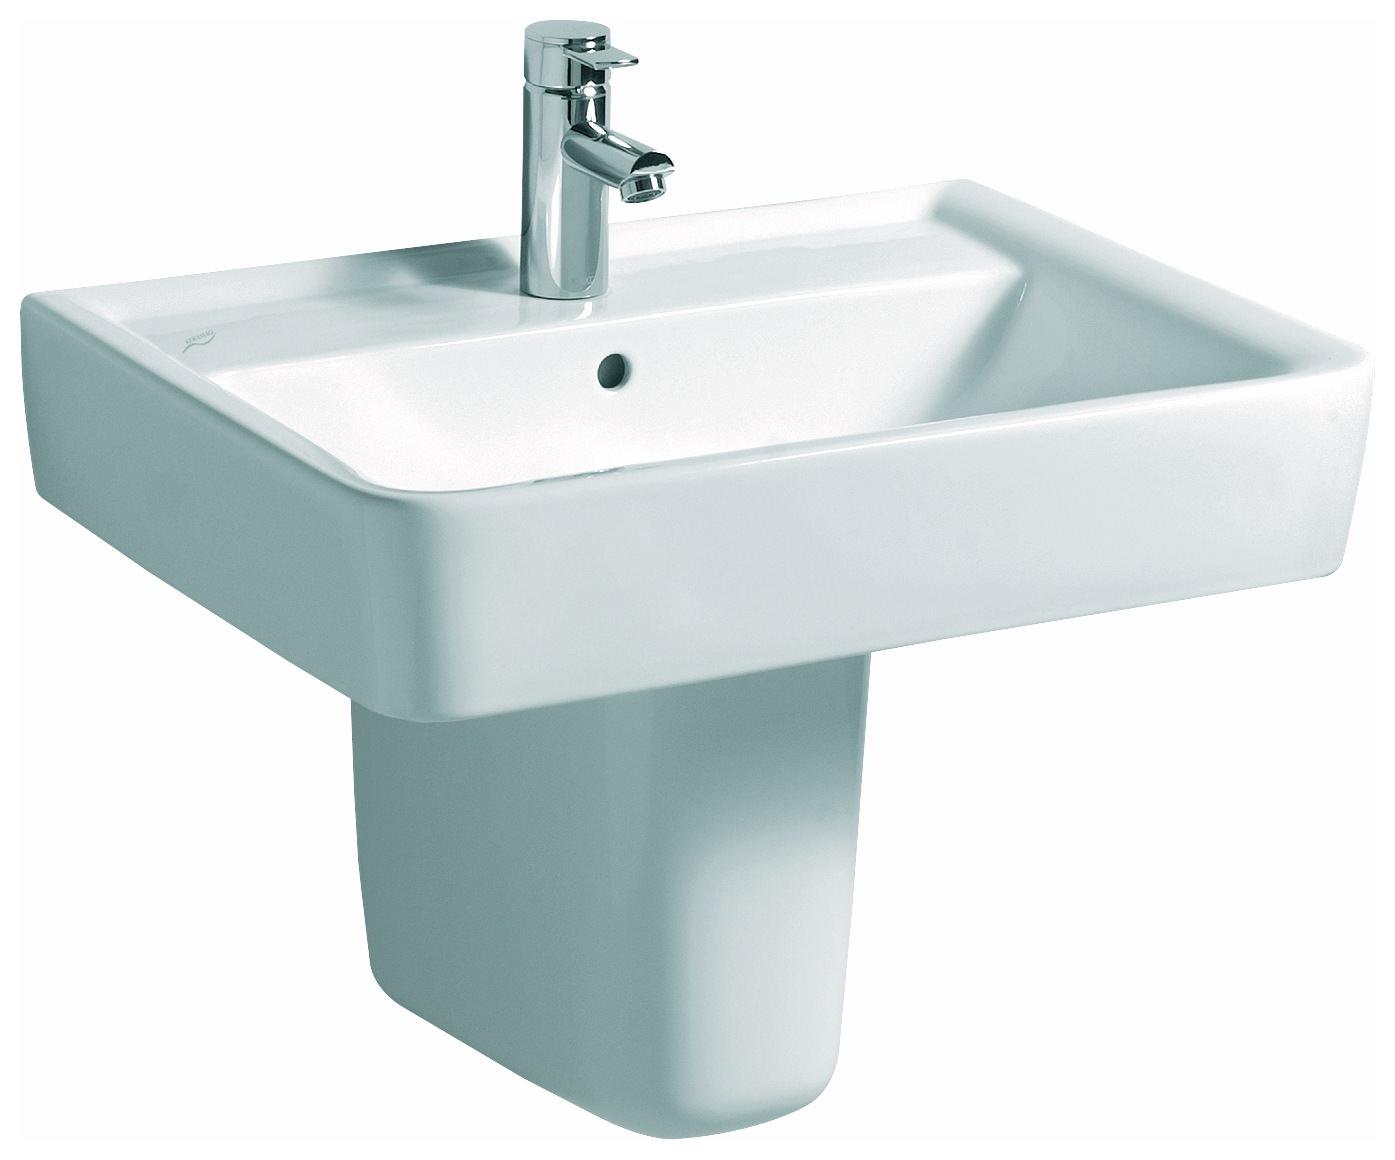 Waschtisch Und Wc Kombination Waschbecken Schrank Kombination